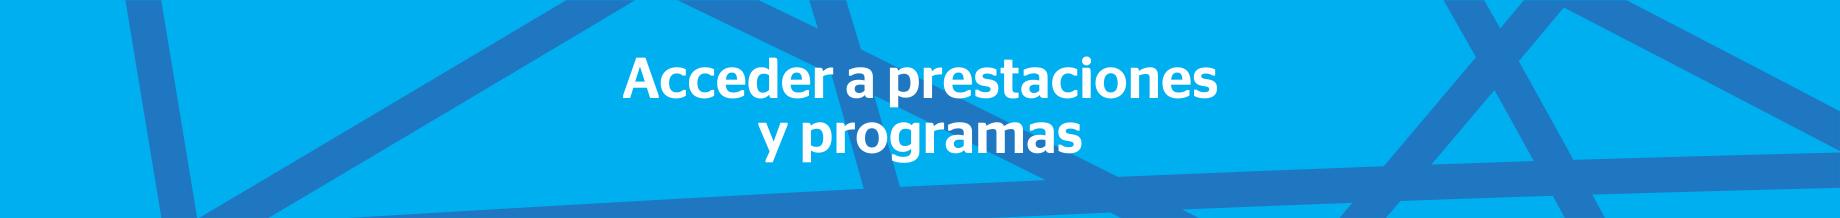 Acceder a Prestaciones y Programas